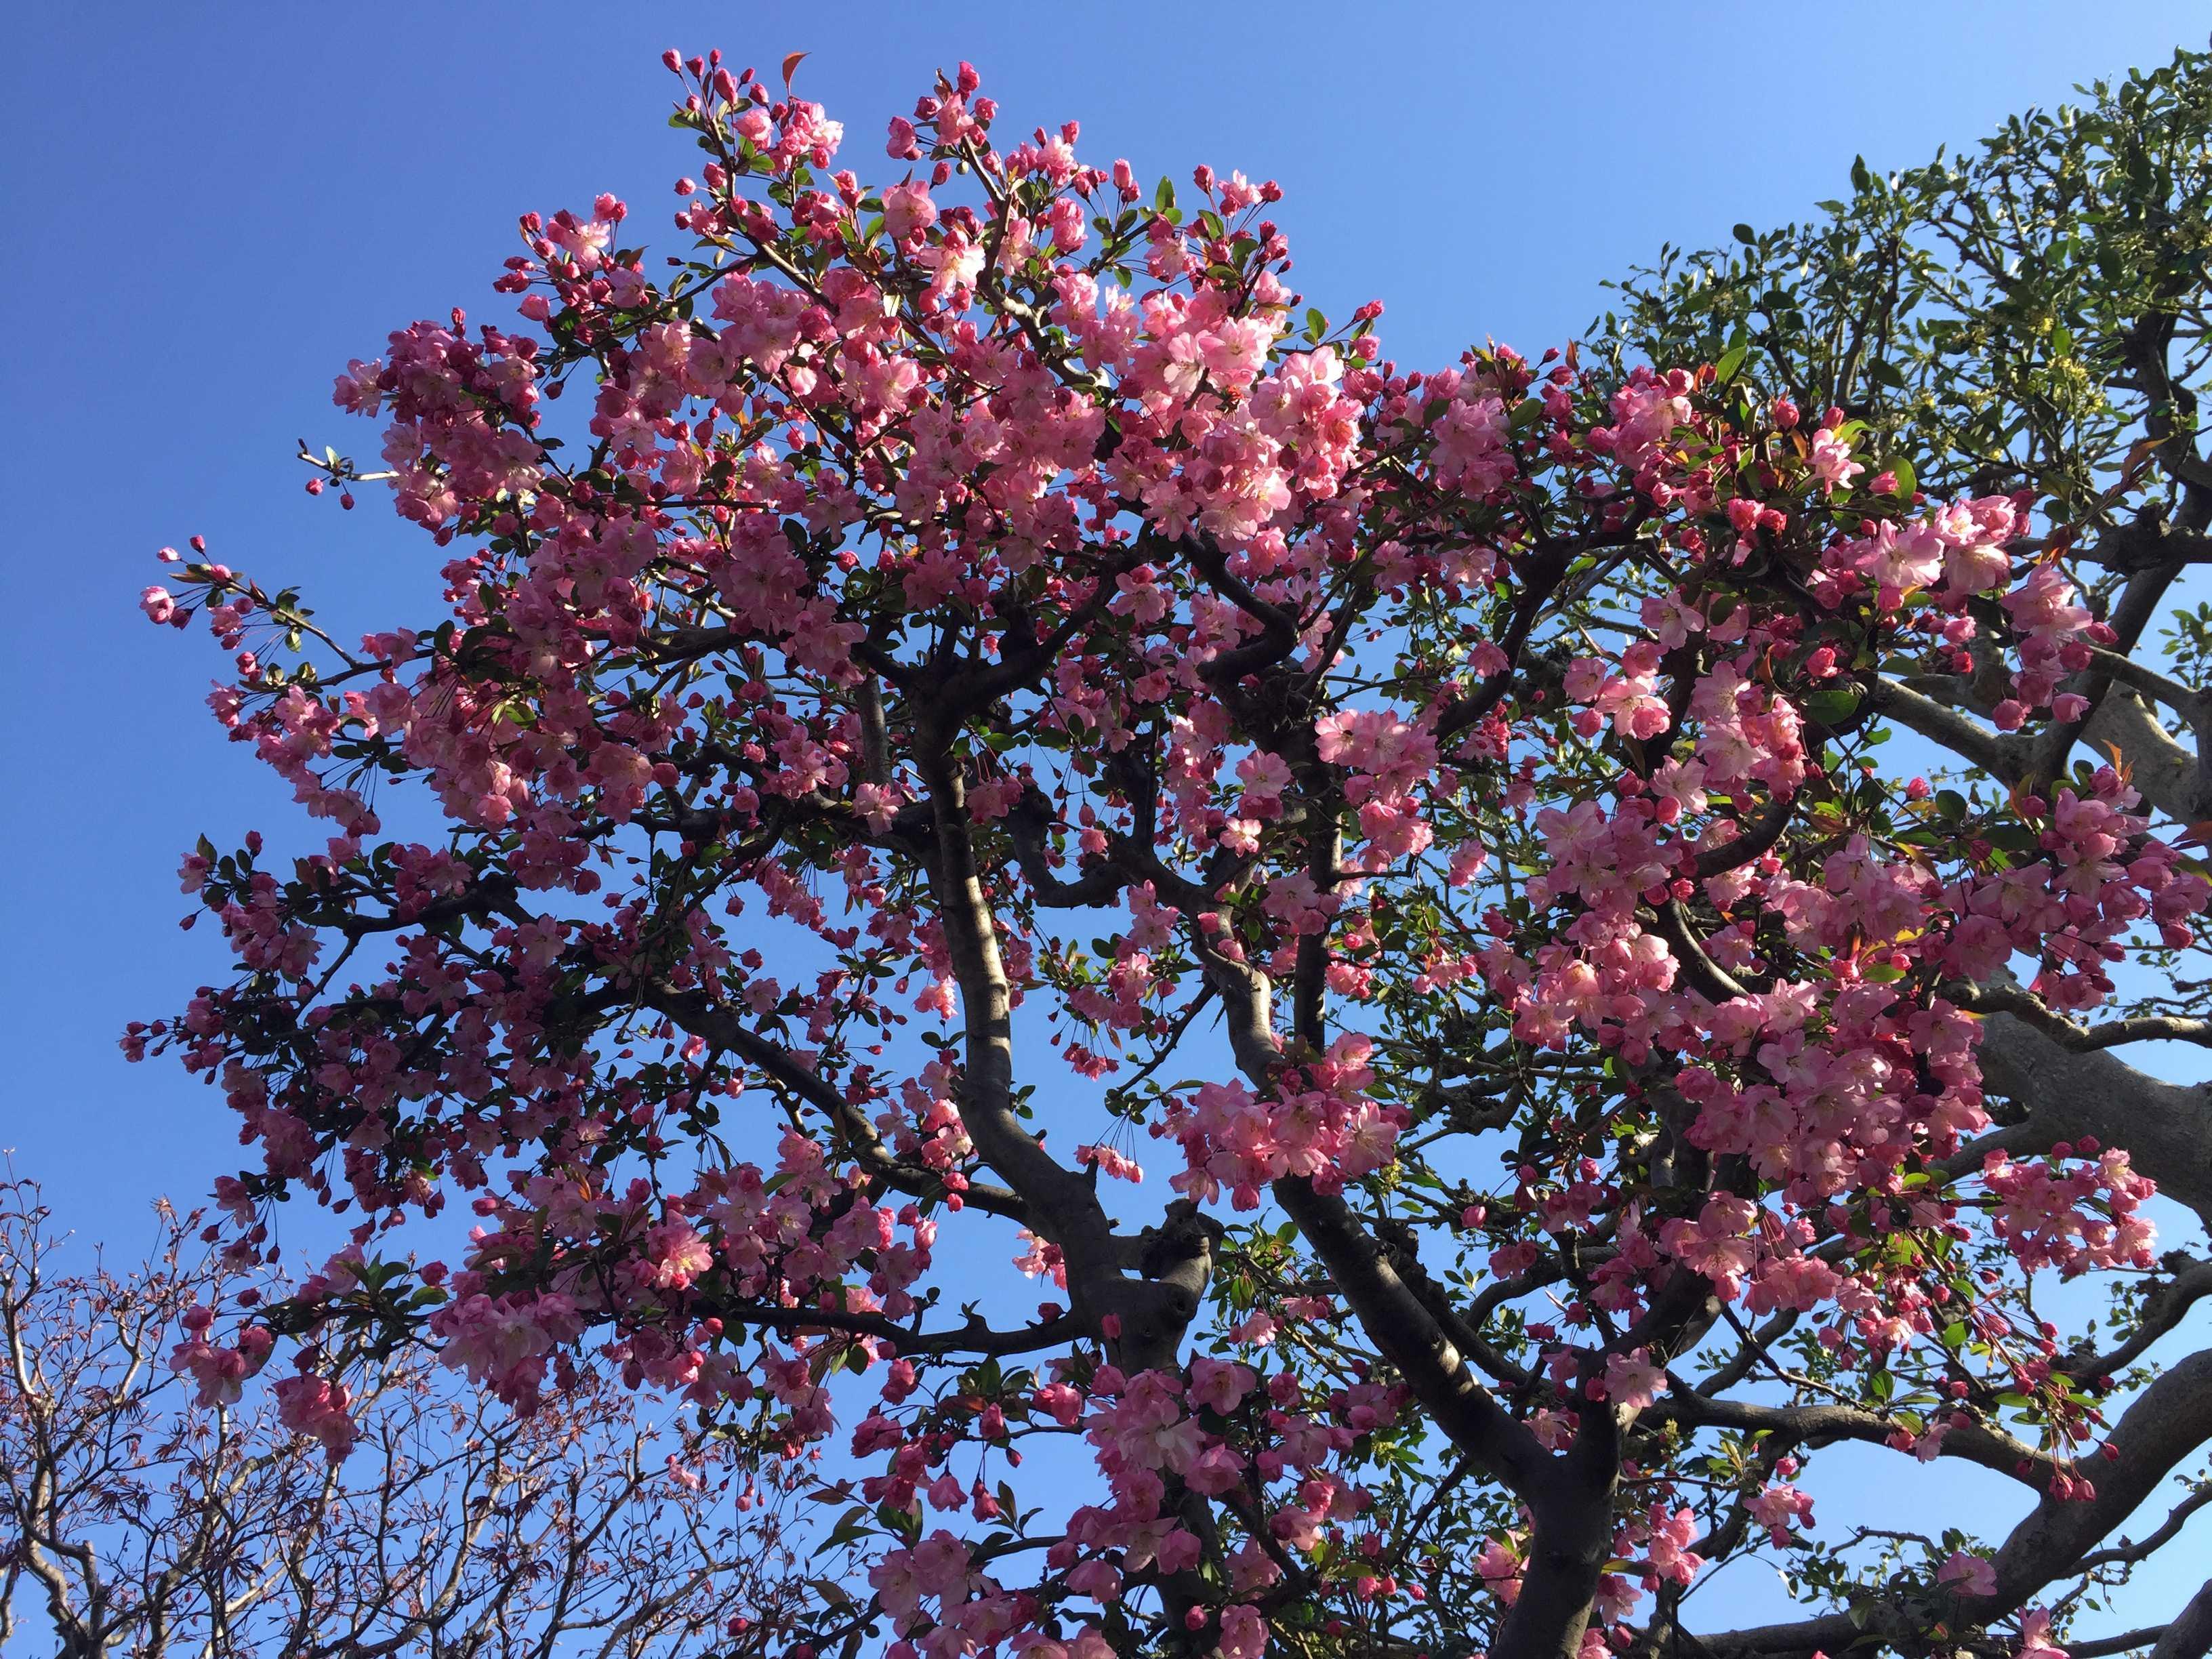 ハナカイドウの木